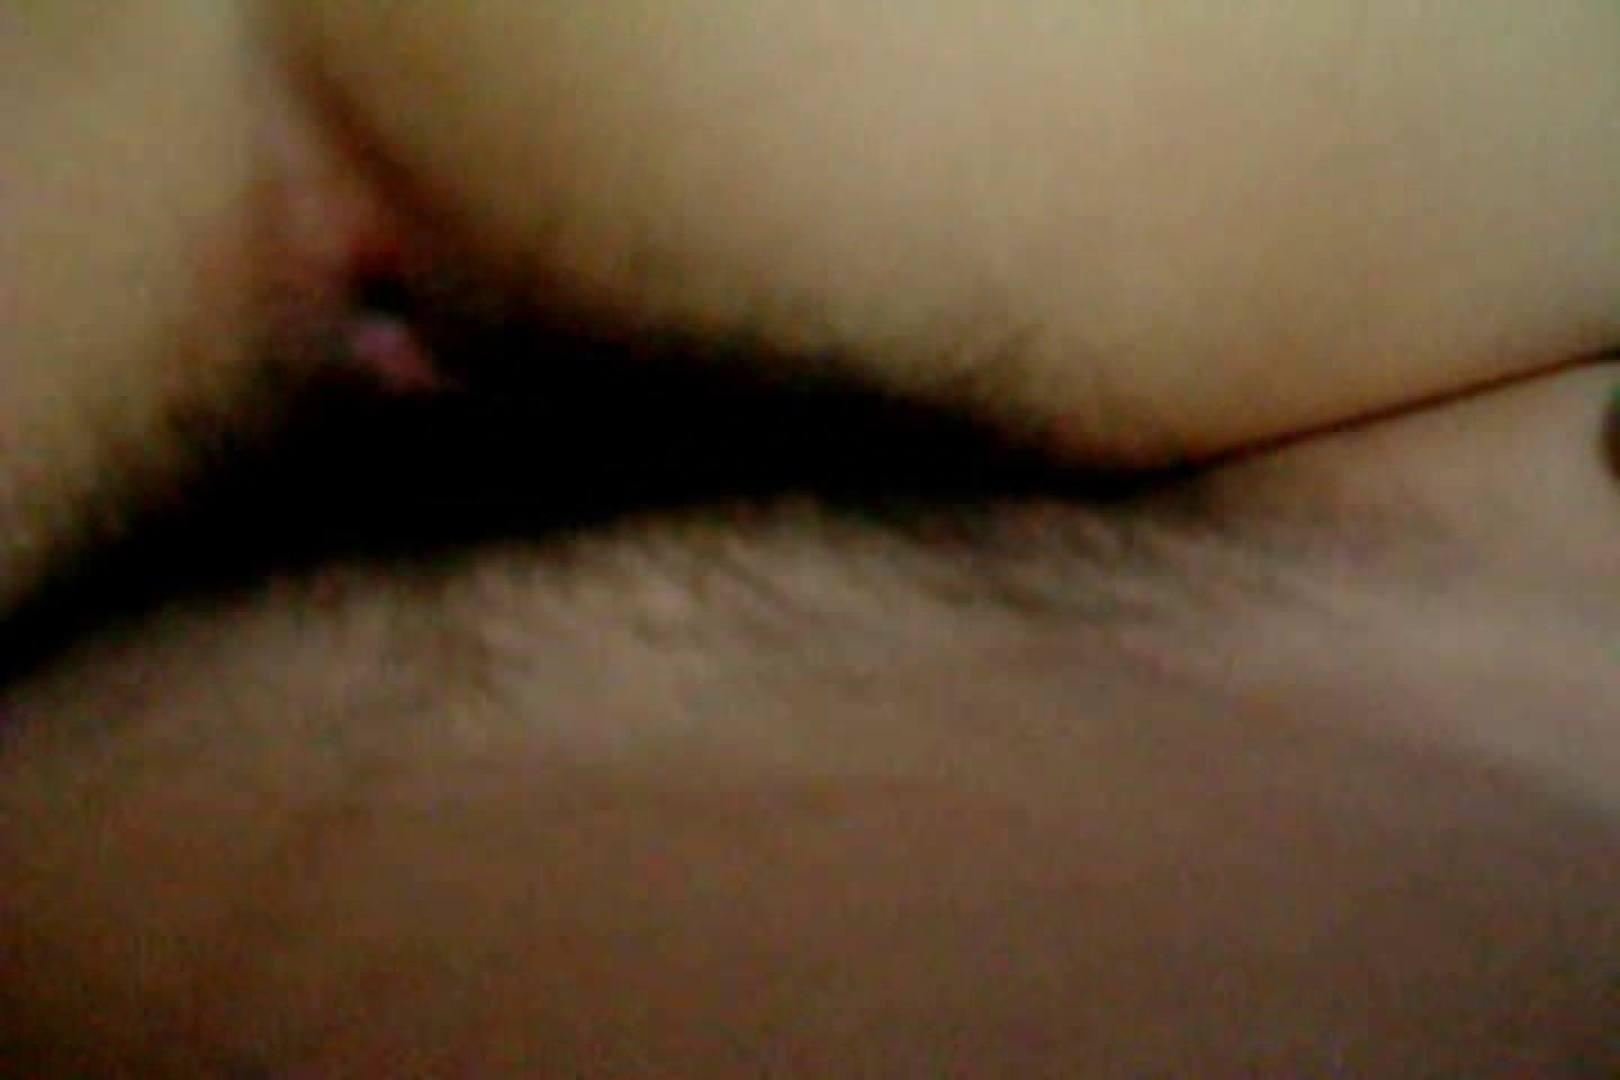 ウイルス流出 鹿児島県庁職員 中瀬瀬久成の流出ビデオ 流出作品 | 0  101画像 8